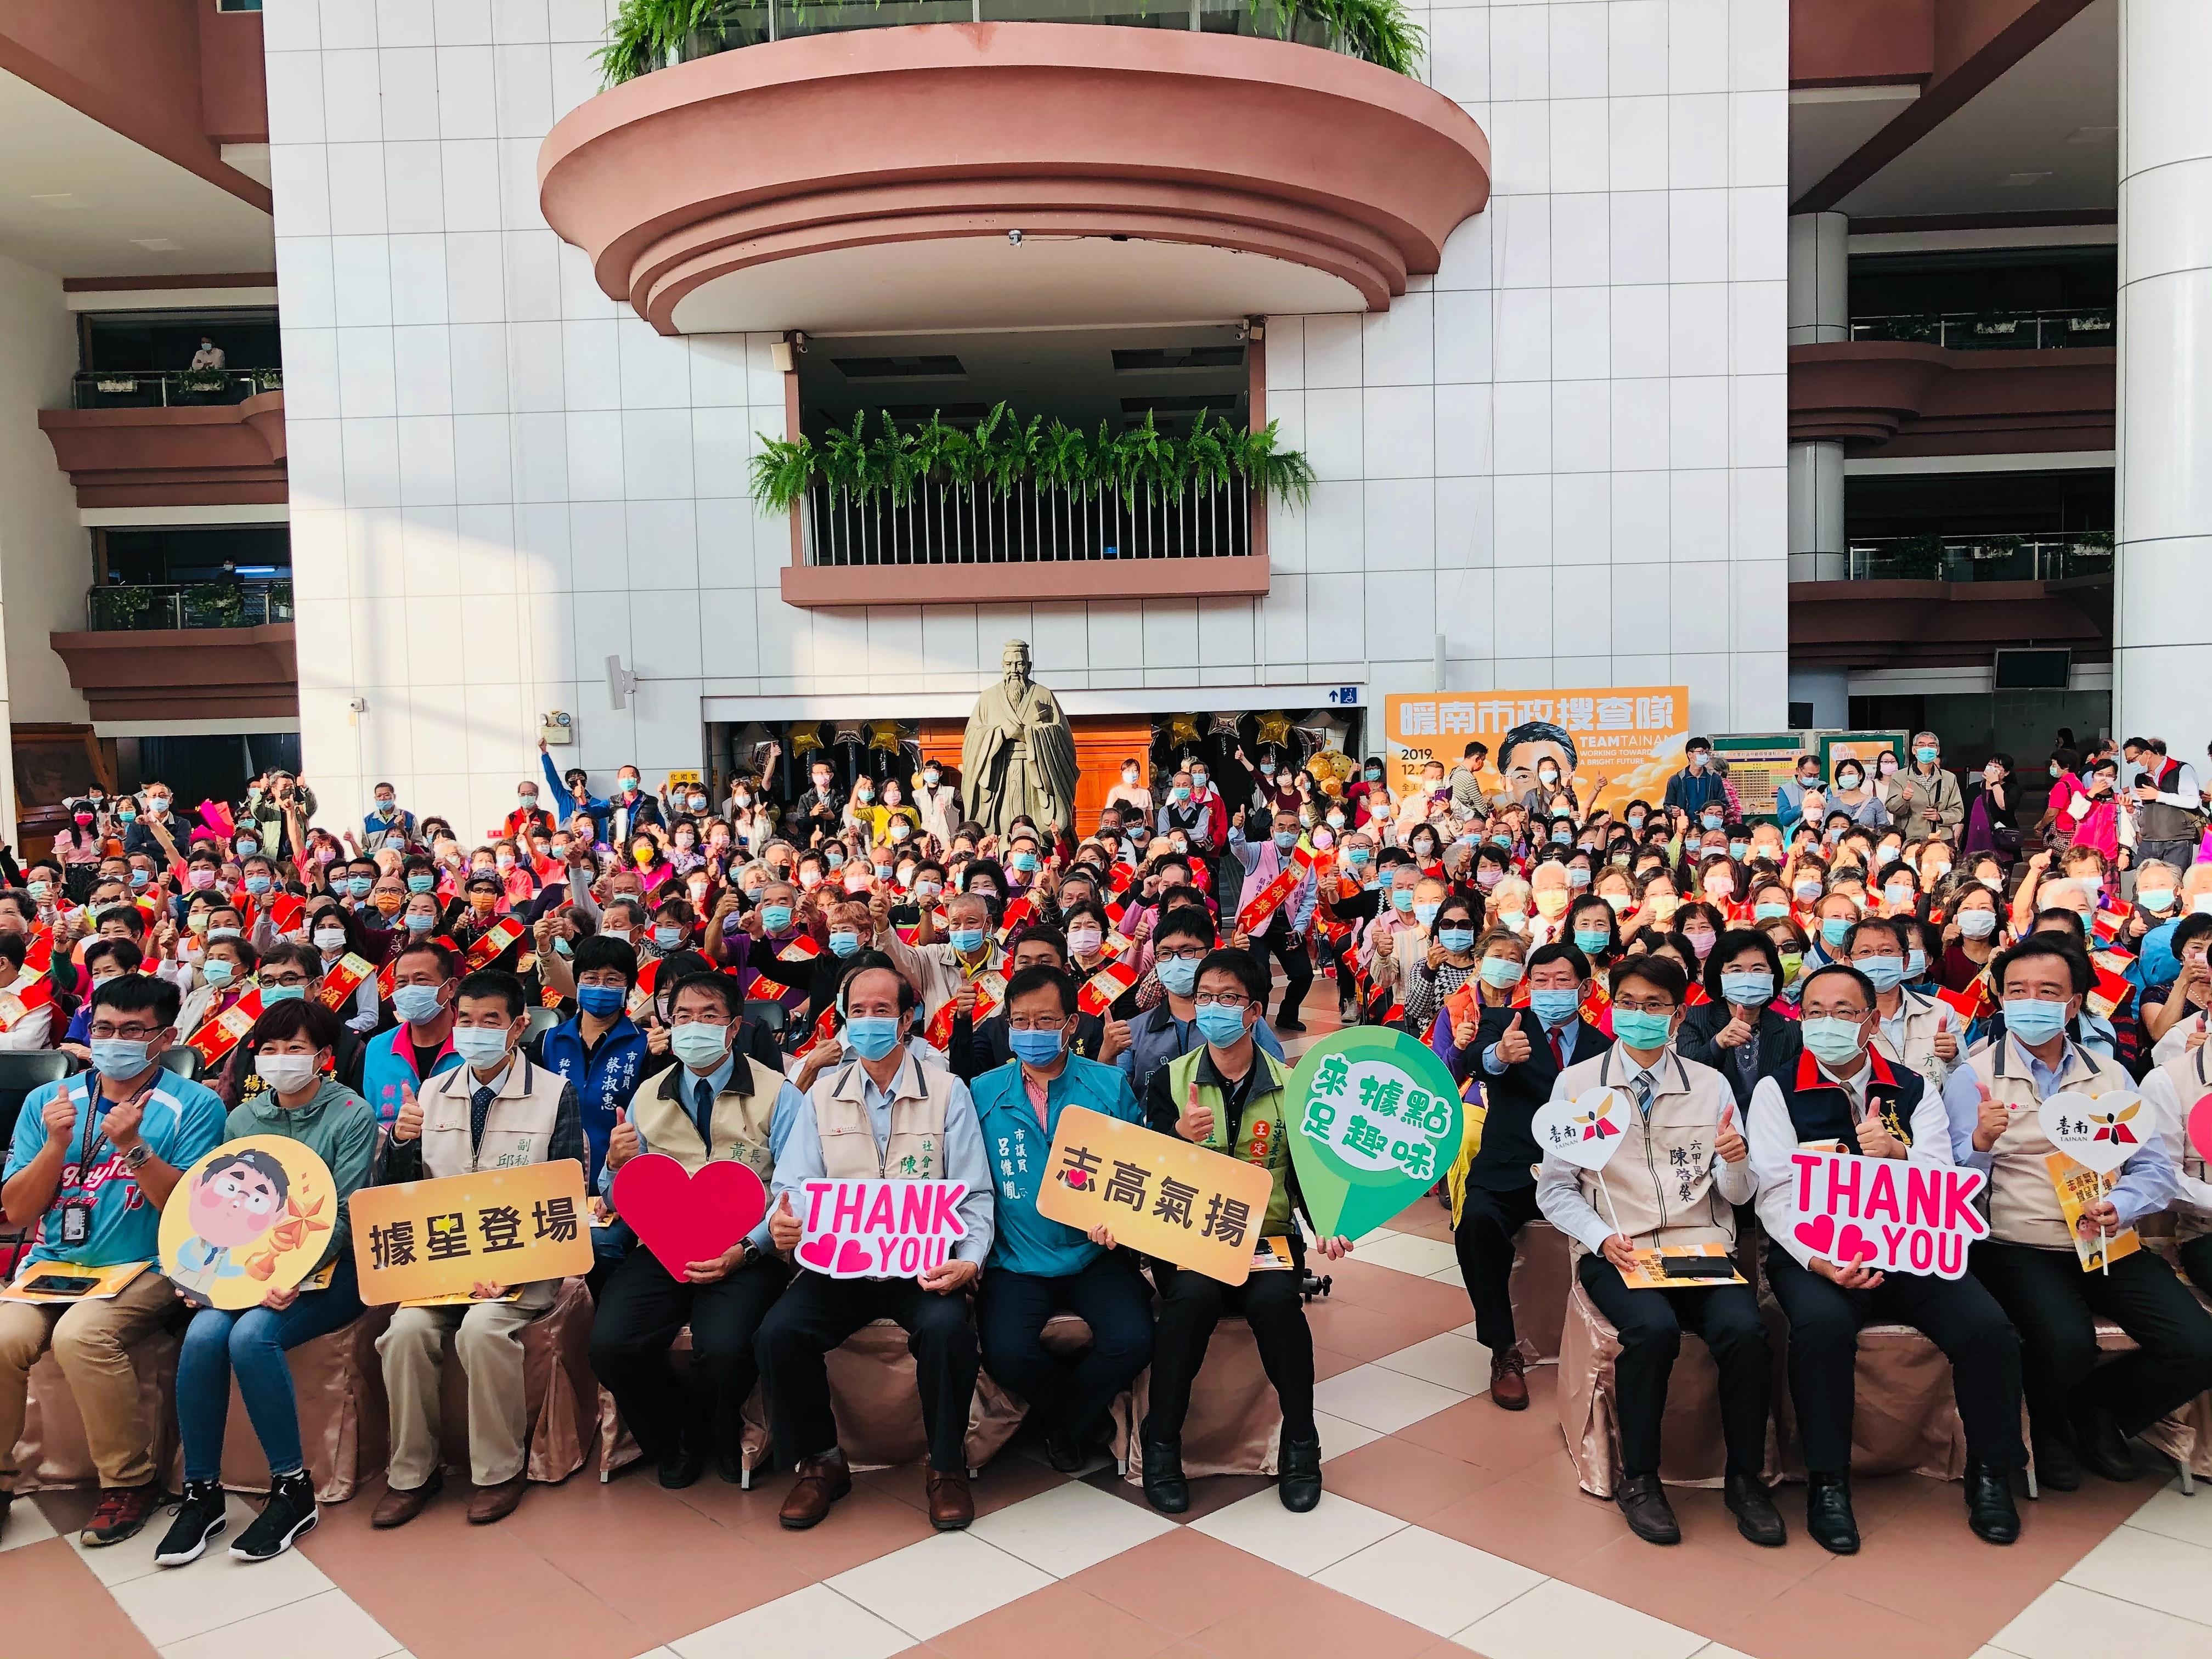 黃偉哲市長肯定社區照顧關懷據點志工奉獻 南市表揚203位績優人員暨團隊